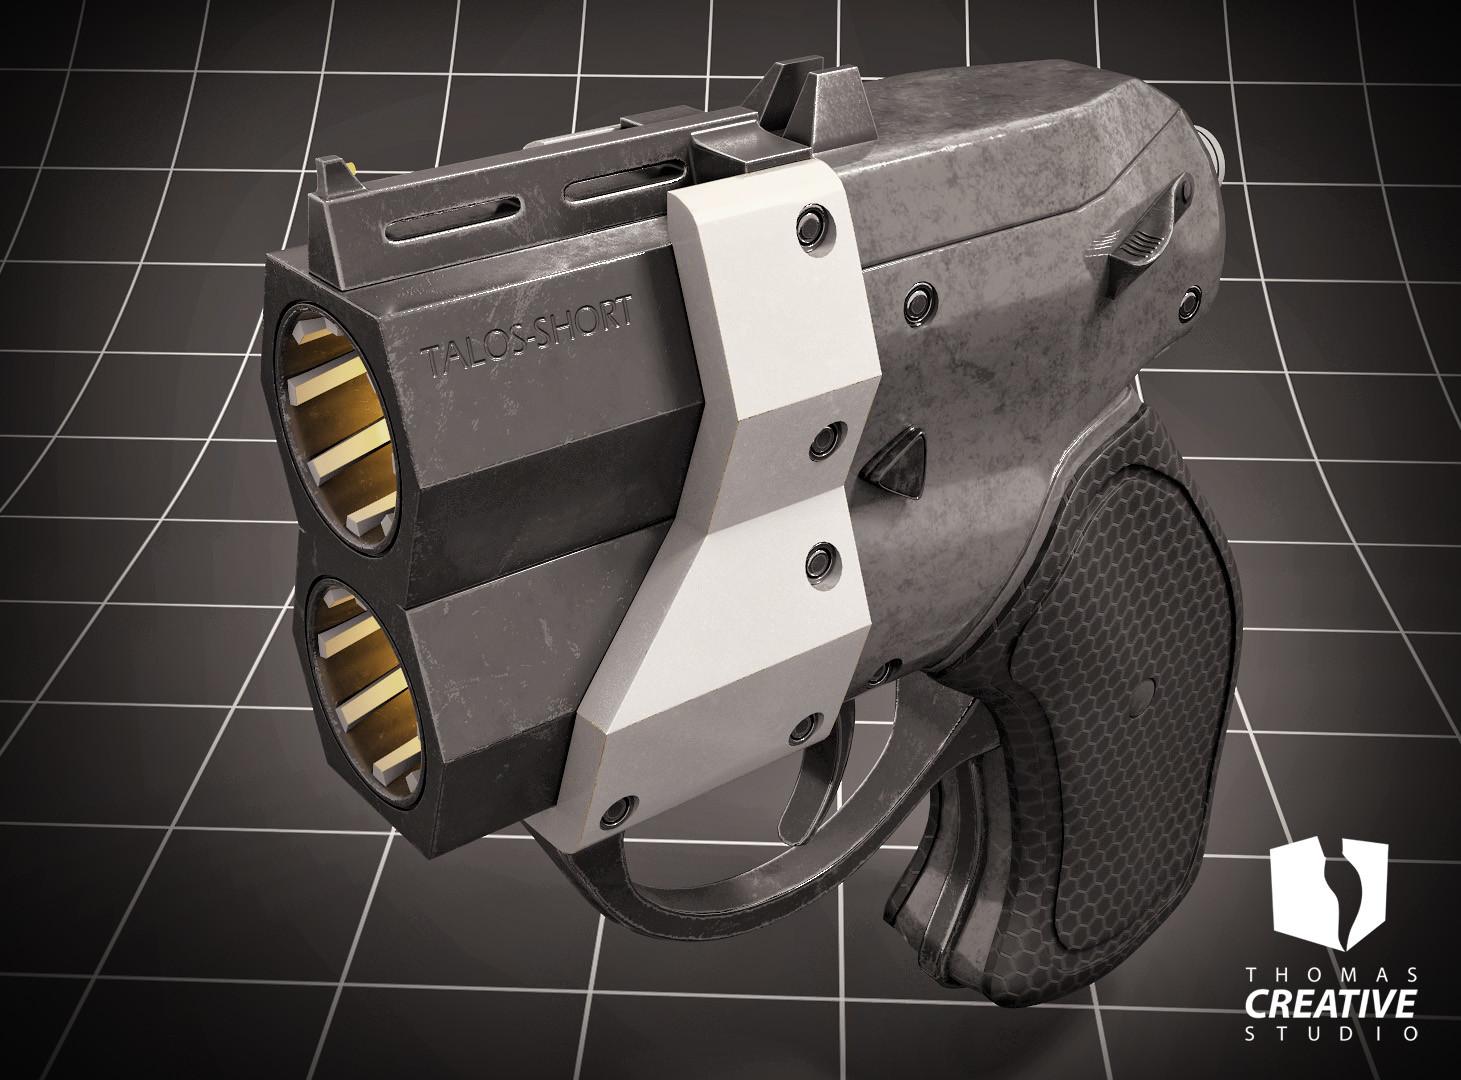 ArtStation - Concept: Talo-Short Derringer, Reginald Thomas